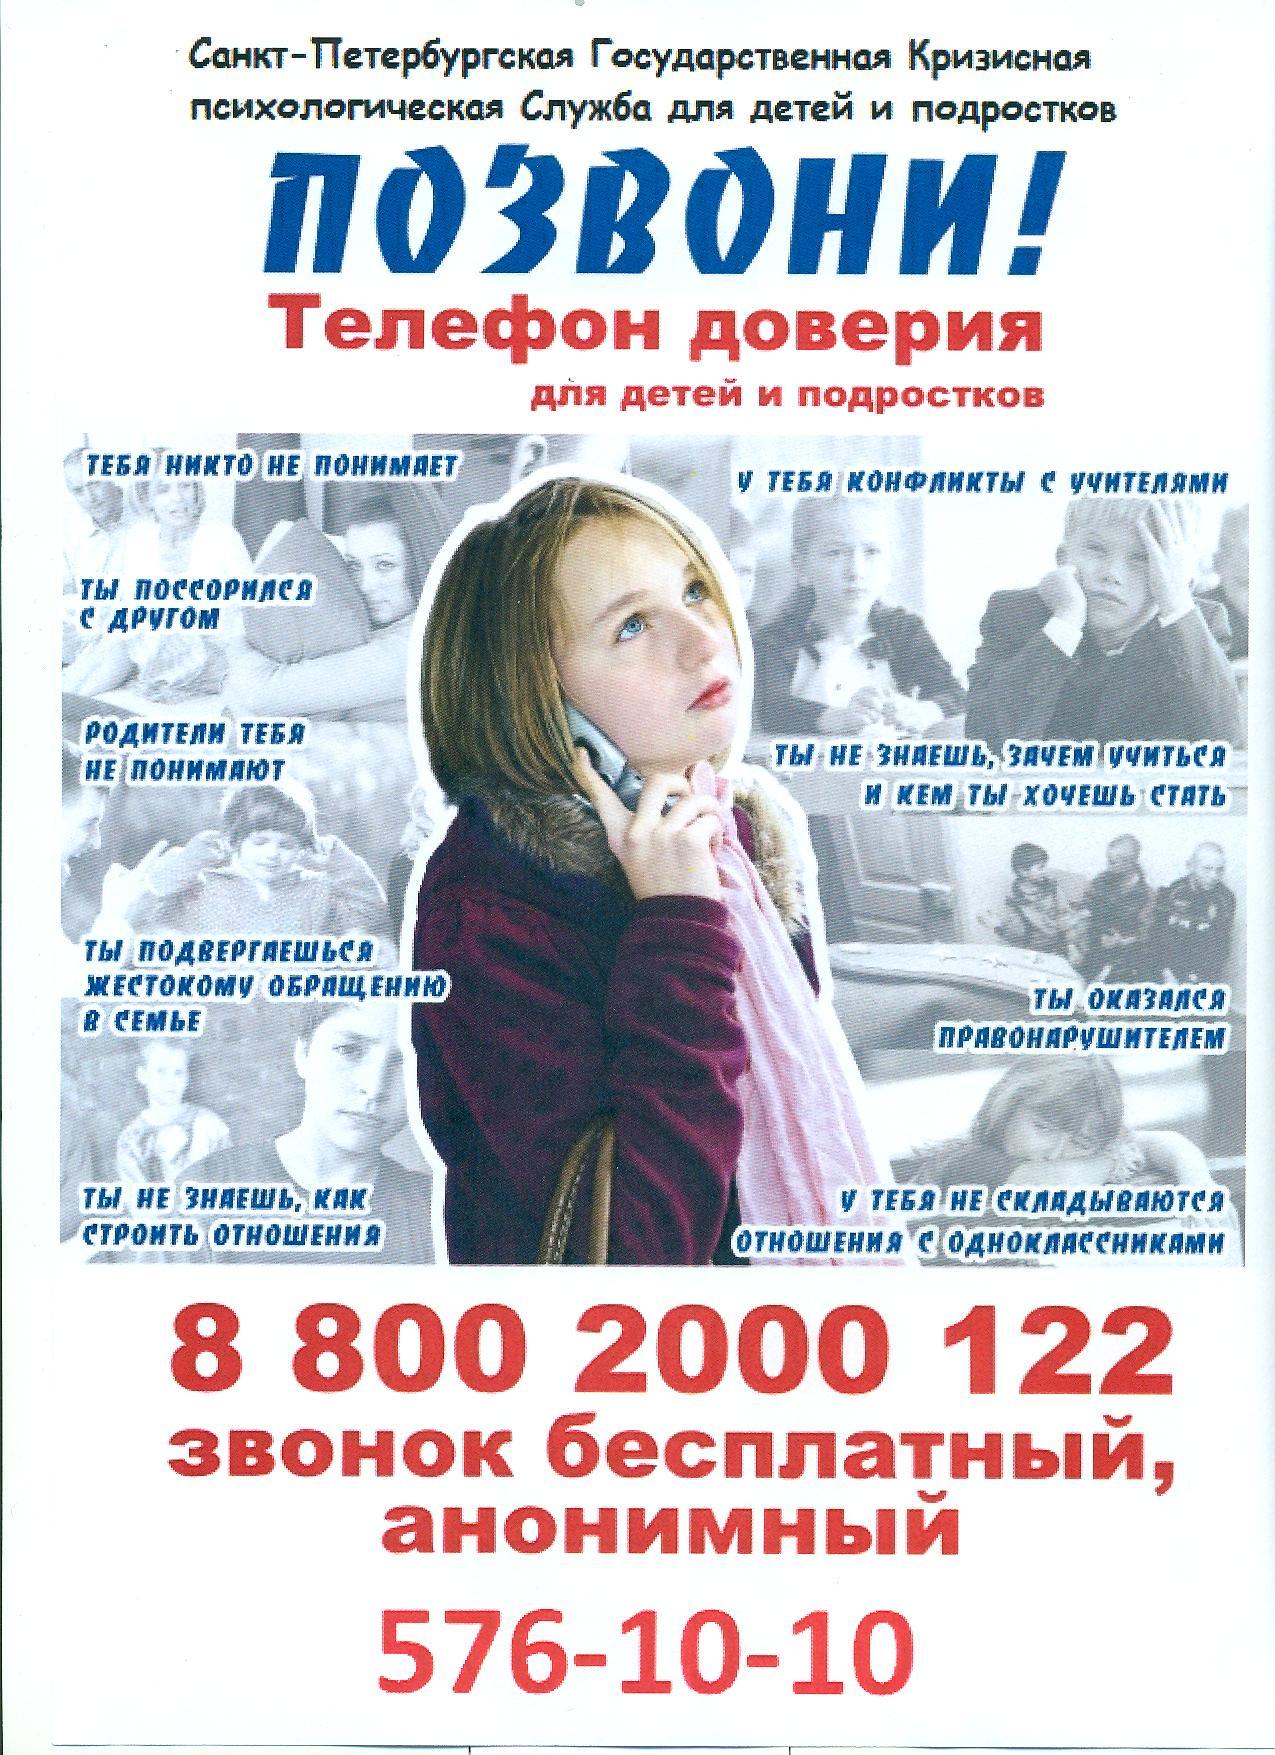 телефон доверия для детей картинка